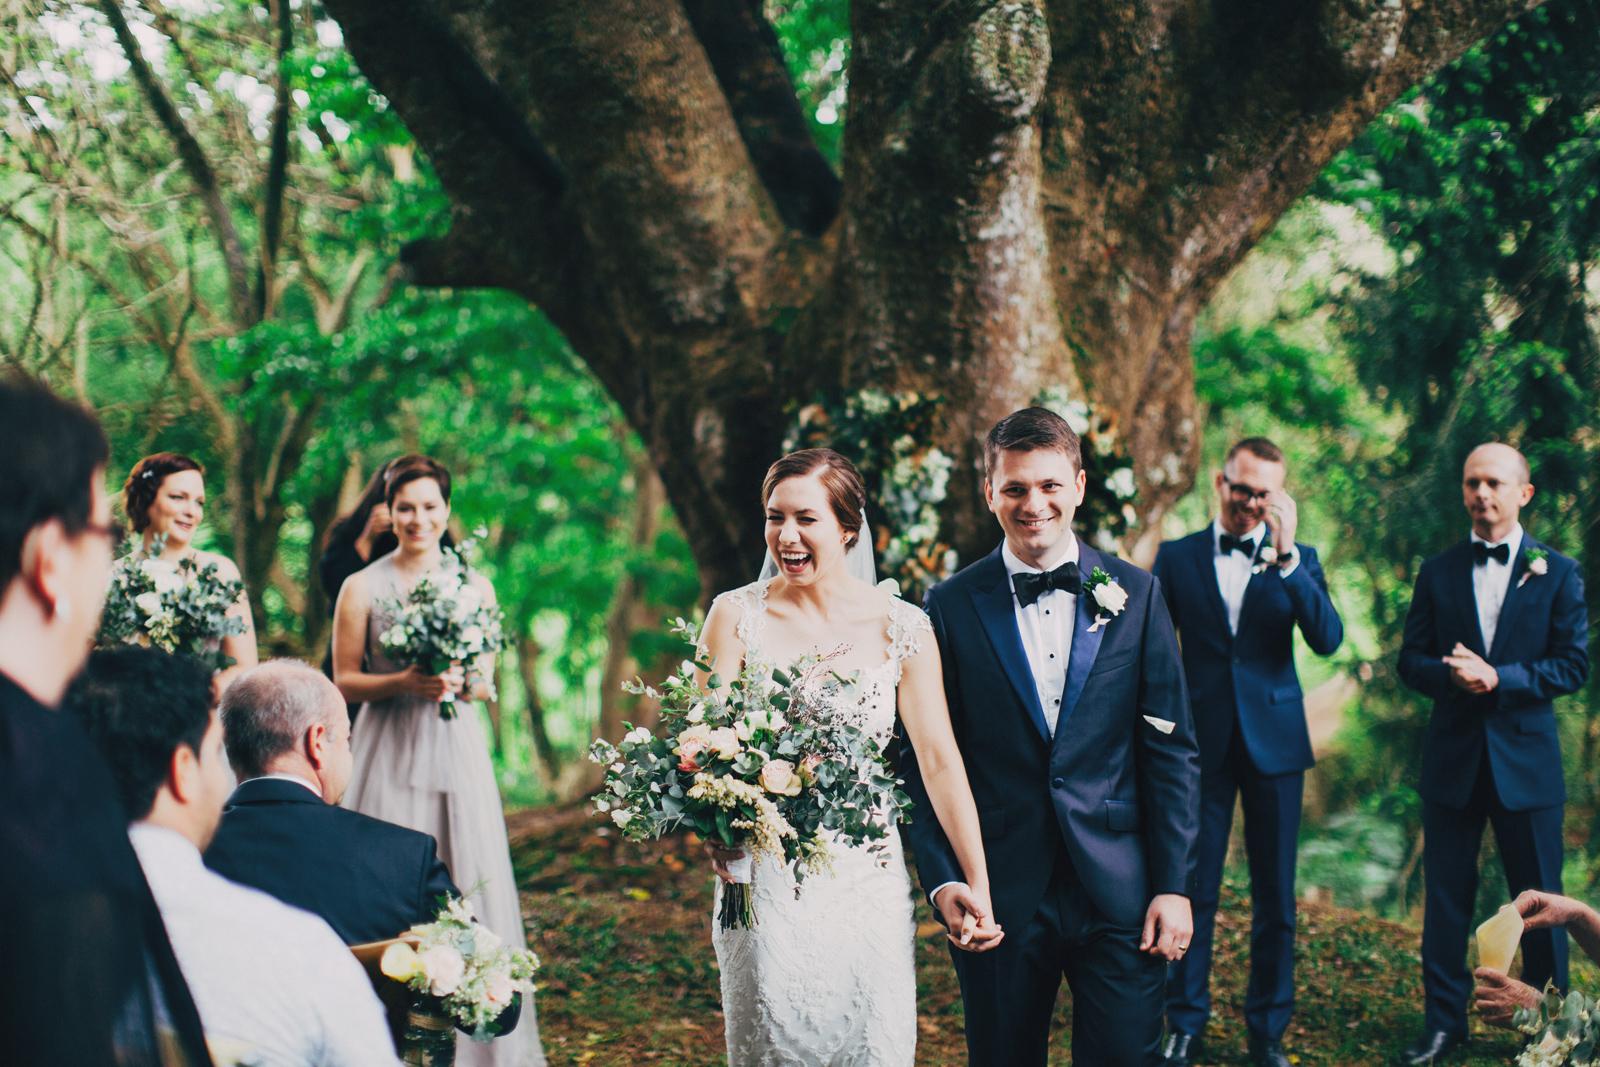 Hilary-&-Darren-Married---0362